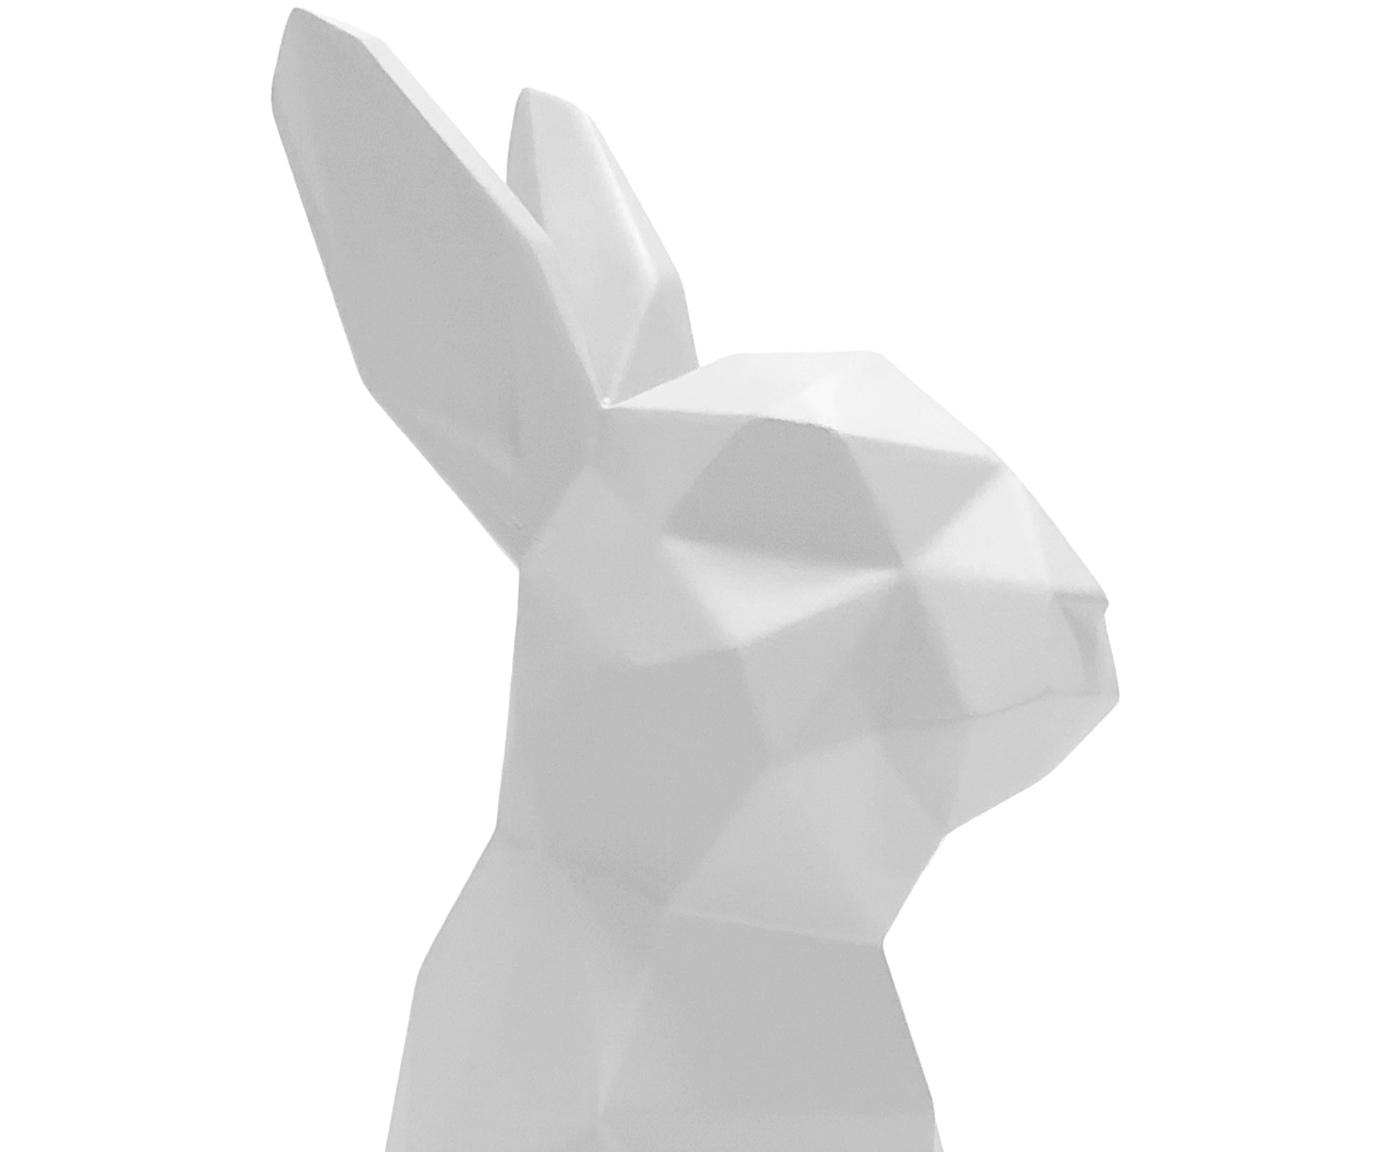 Dekoracja Origami Bunny, Poliresing, Biały, S 25 x W 13 cm